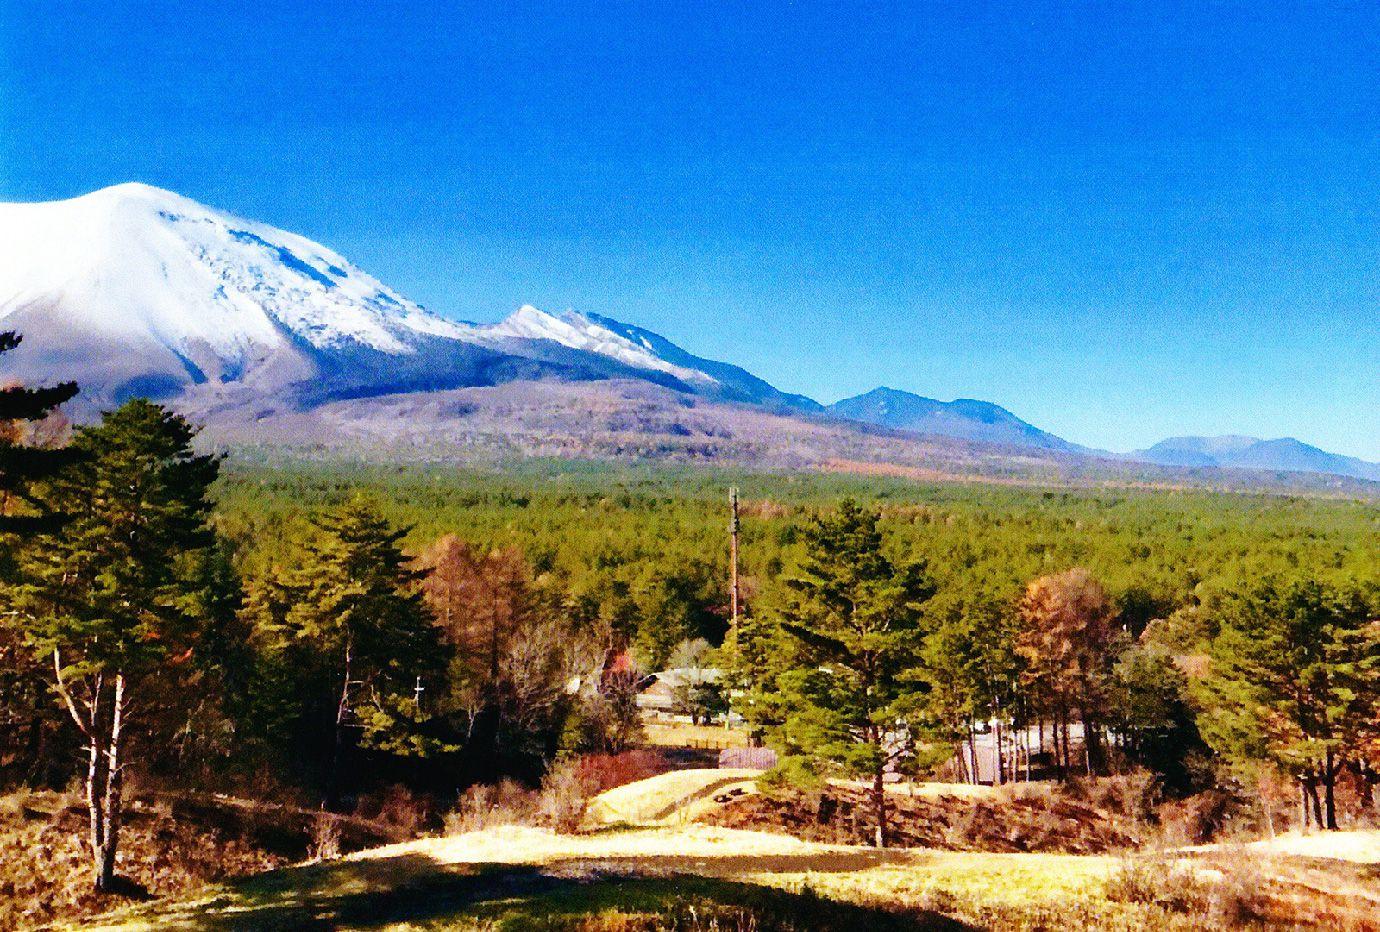 山と森の風景写真